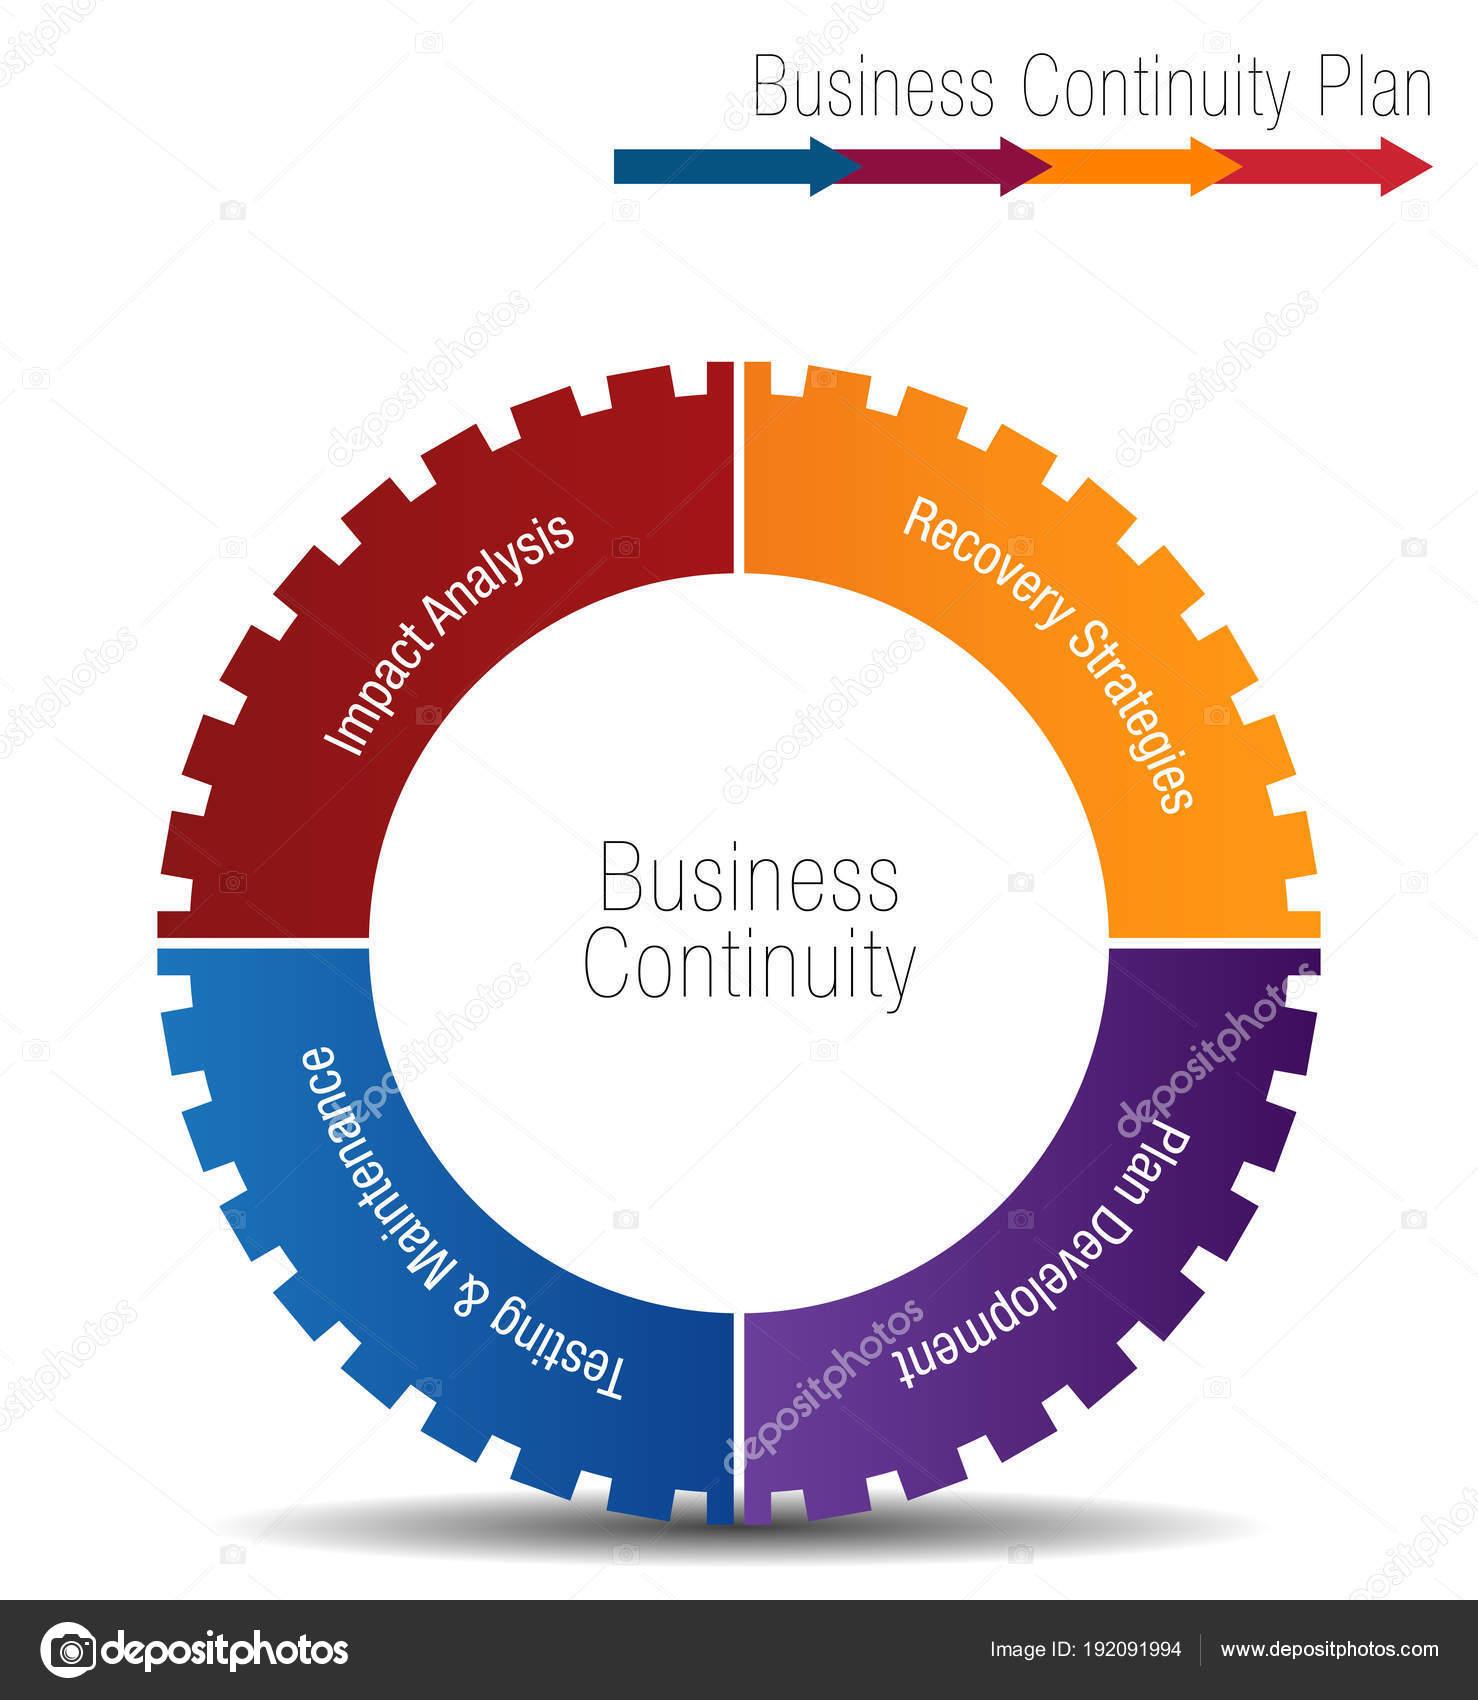 Плана обеспечения непрерывности бизнеса шаурма открыть свой бизнес